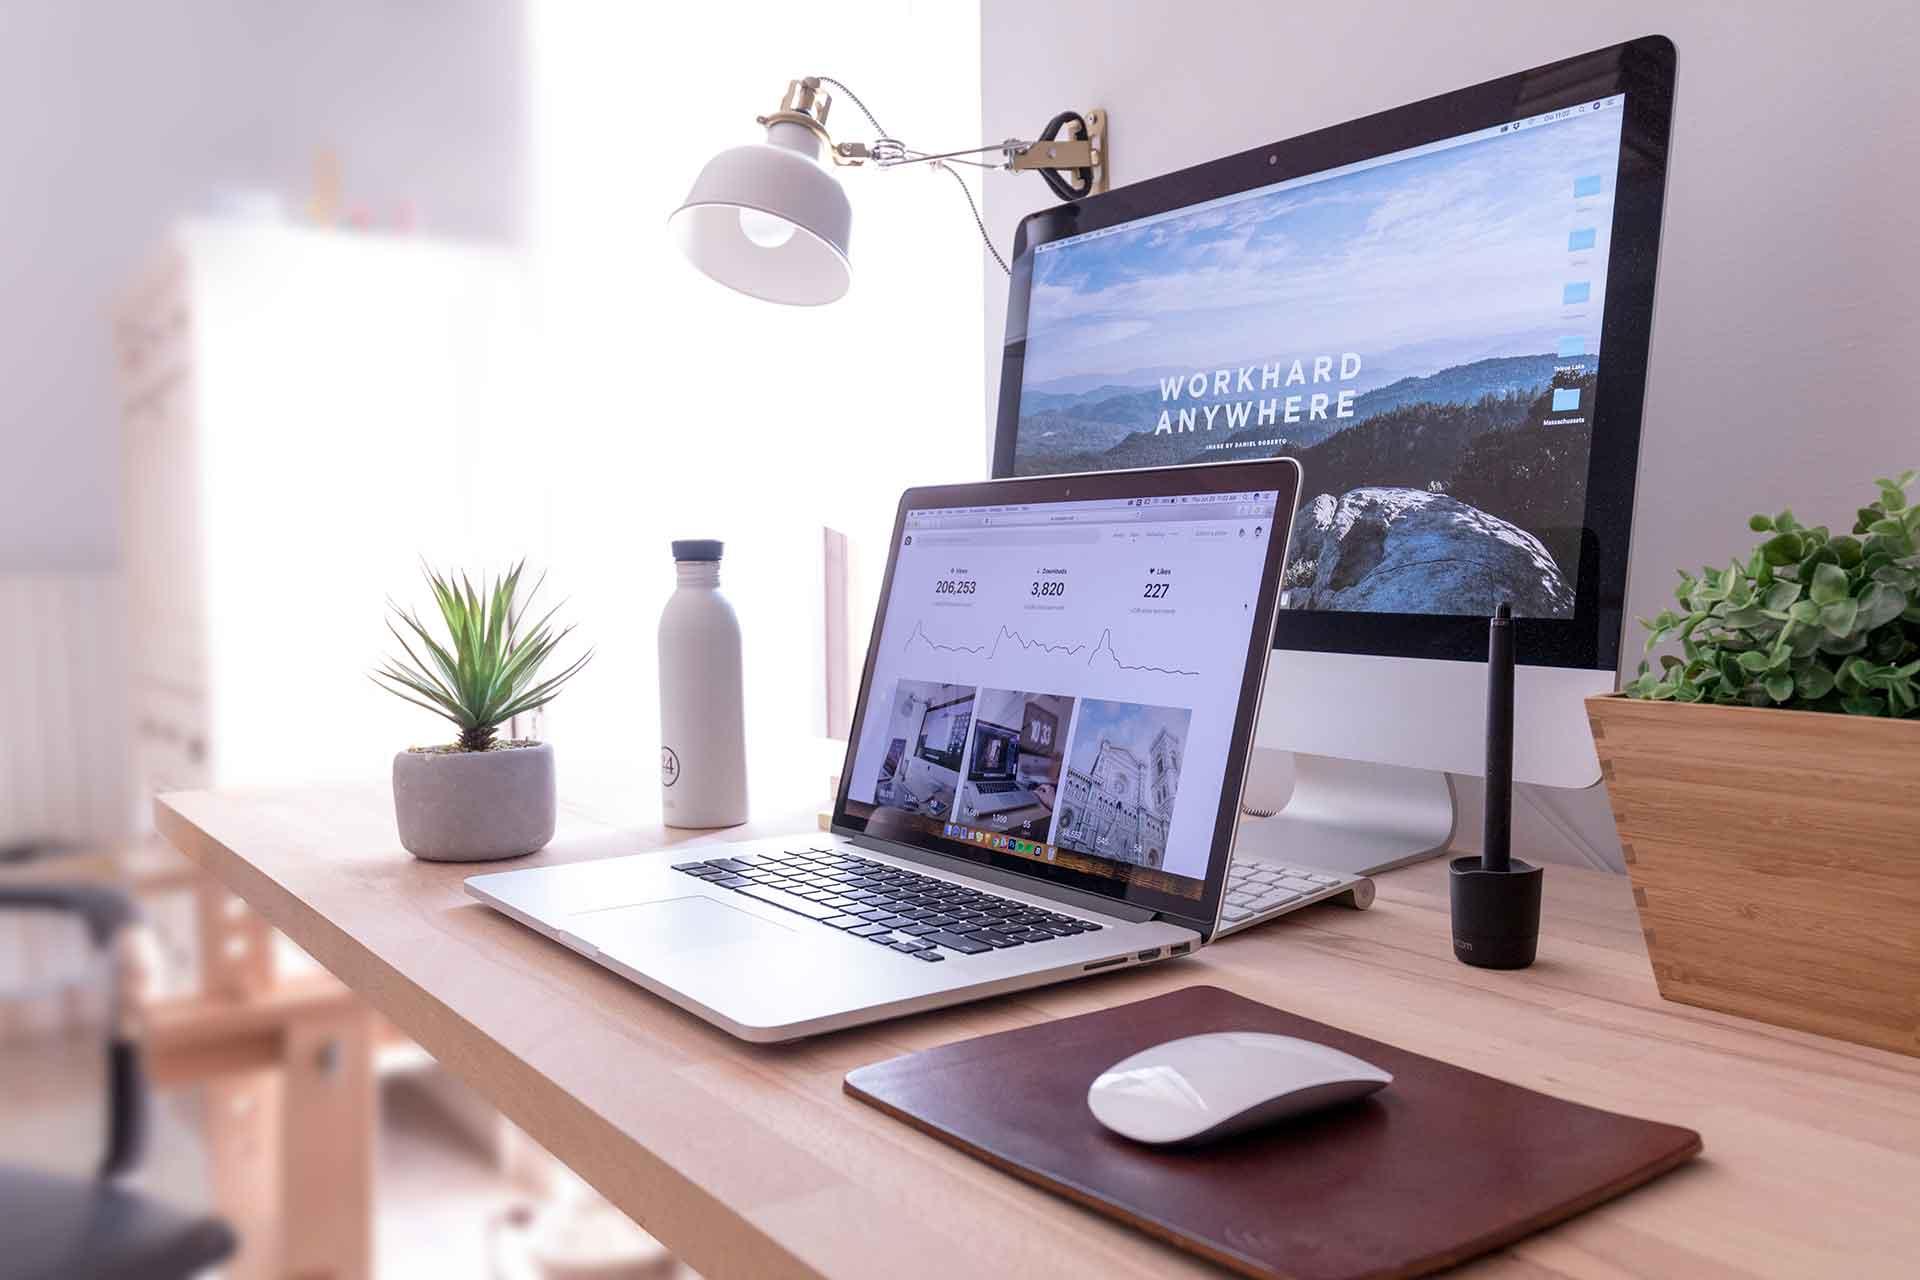 Estación de trabajo con laptop y monitor externo.